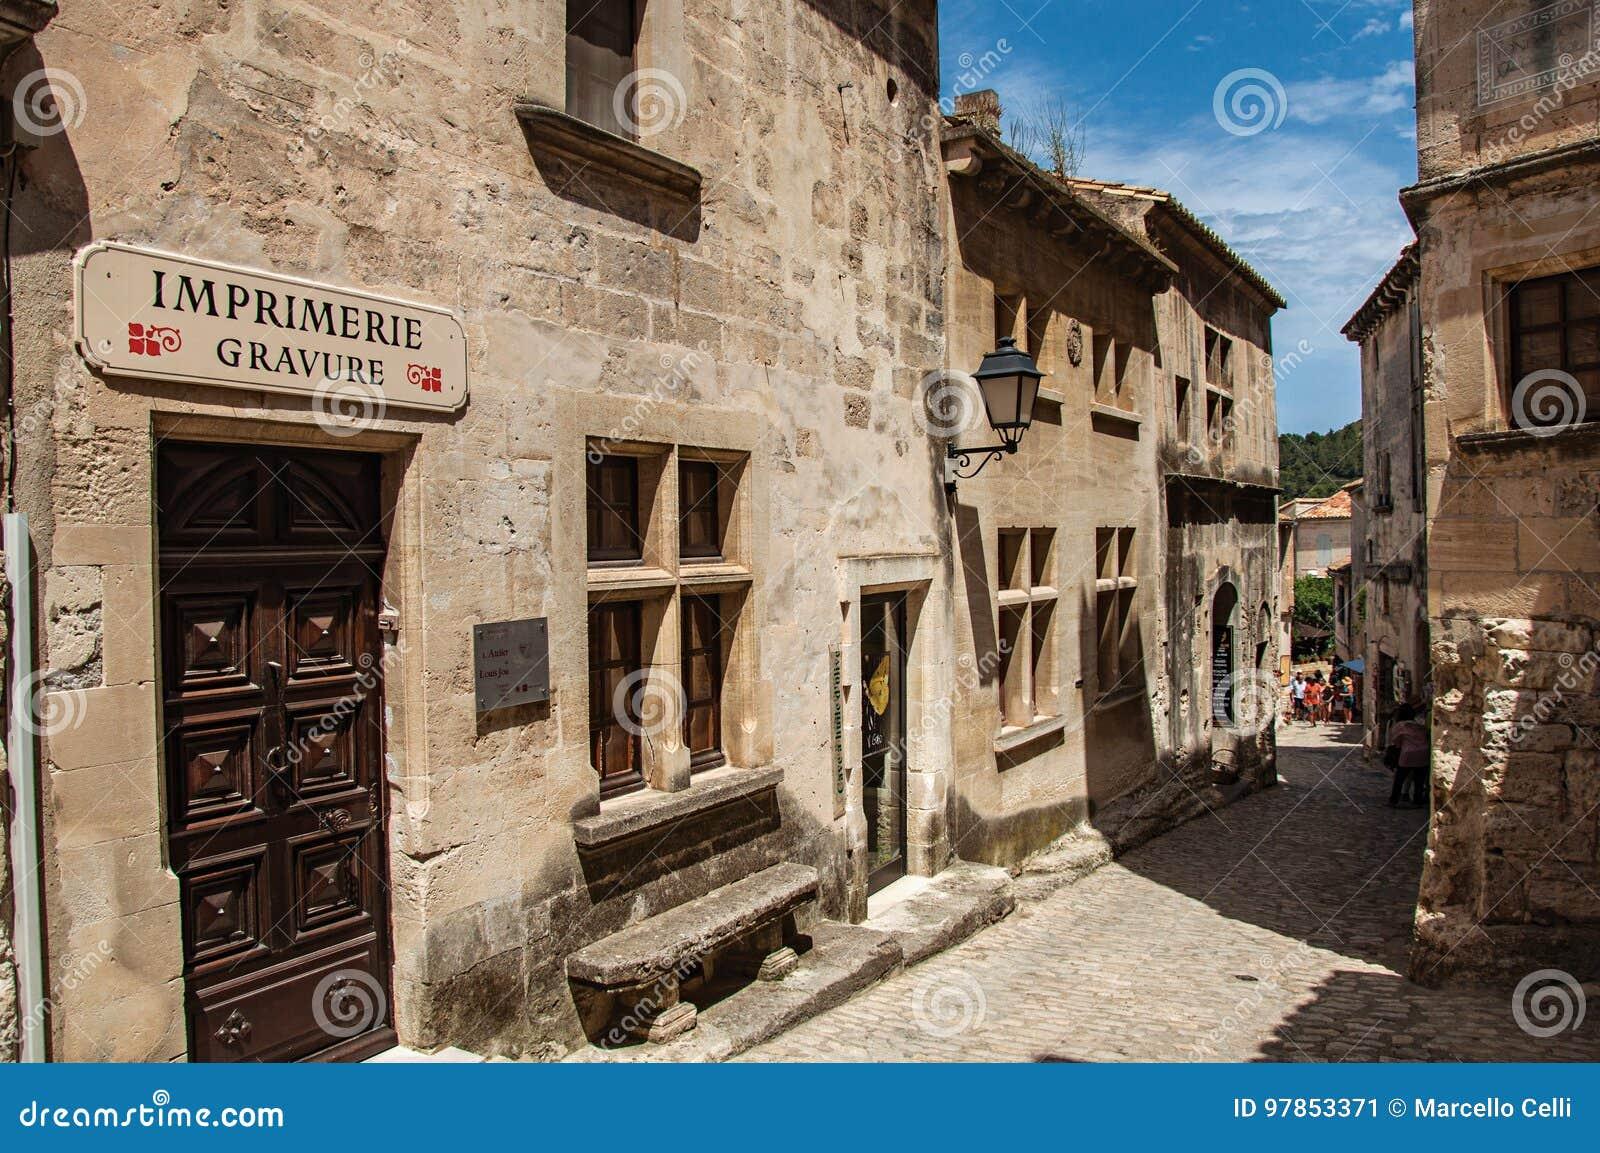 Case In Pietra Antiche : Antichi case di pietra e le strade della città vecchia forsa d